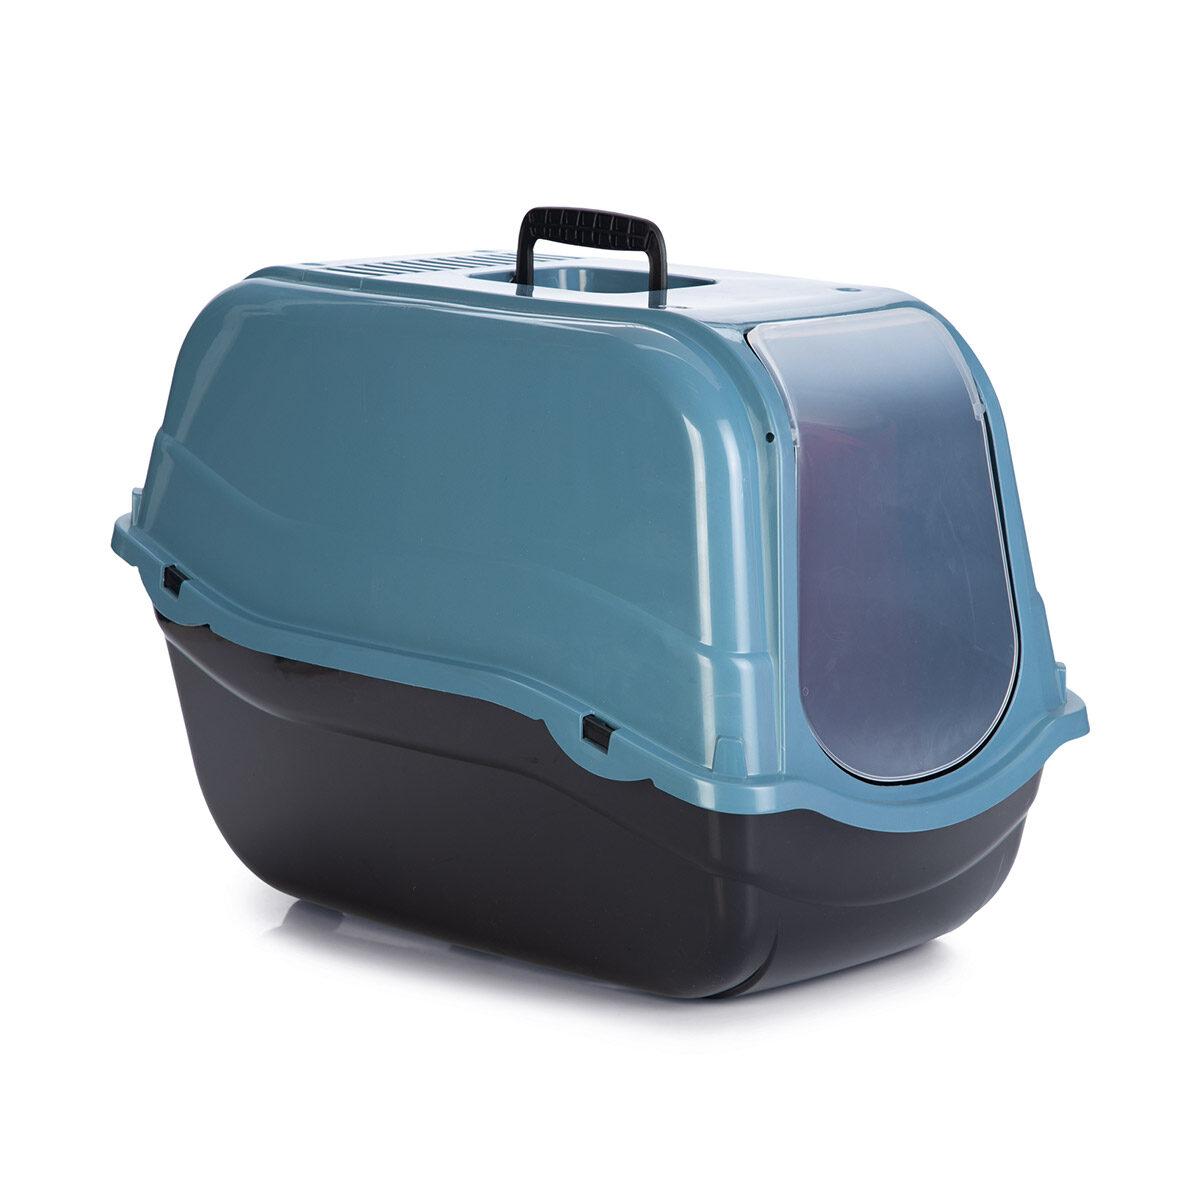 Kattenbak Romeo Eco 57x39x41cm Blauw-Zwart - in Kattenbakken & kattenbakaccessoires